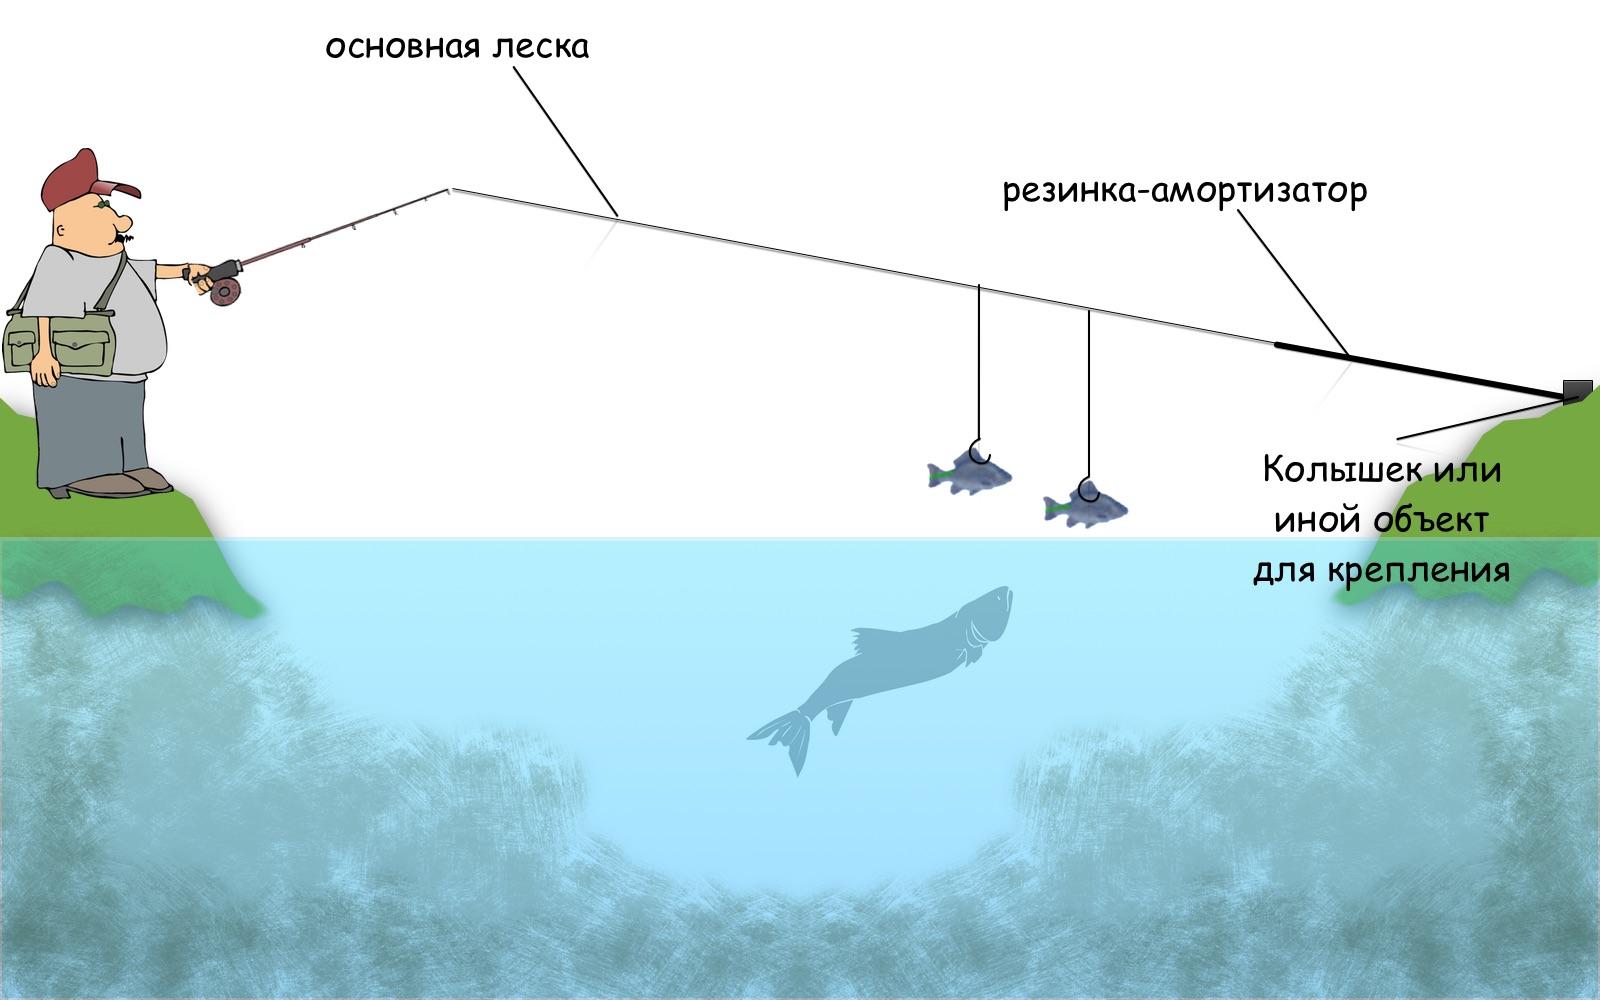 Как сделать перемет и ловить рыбу, не нарушая закон? 66